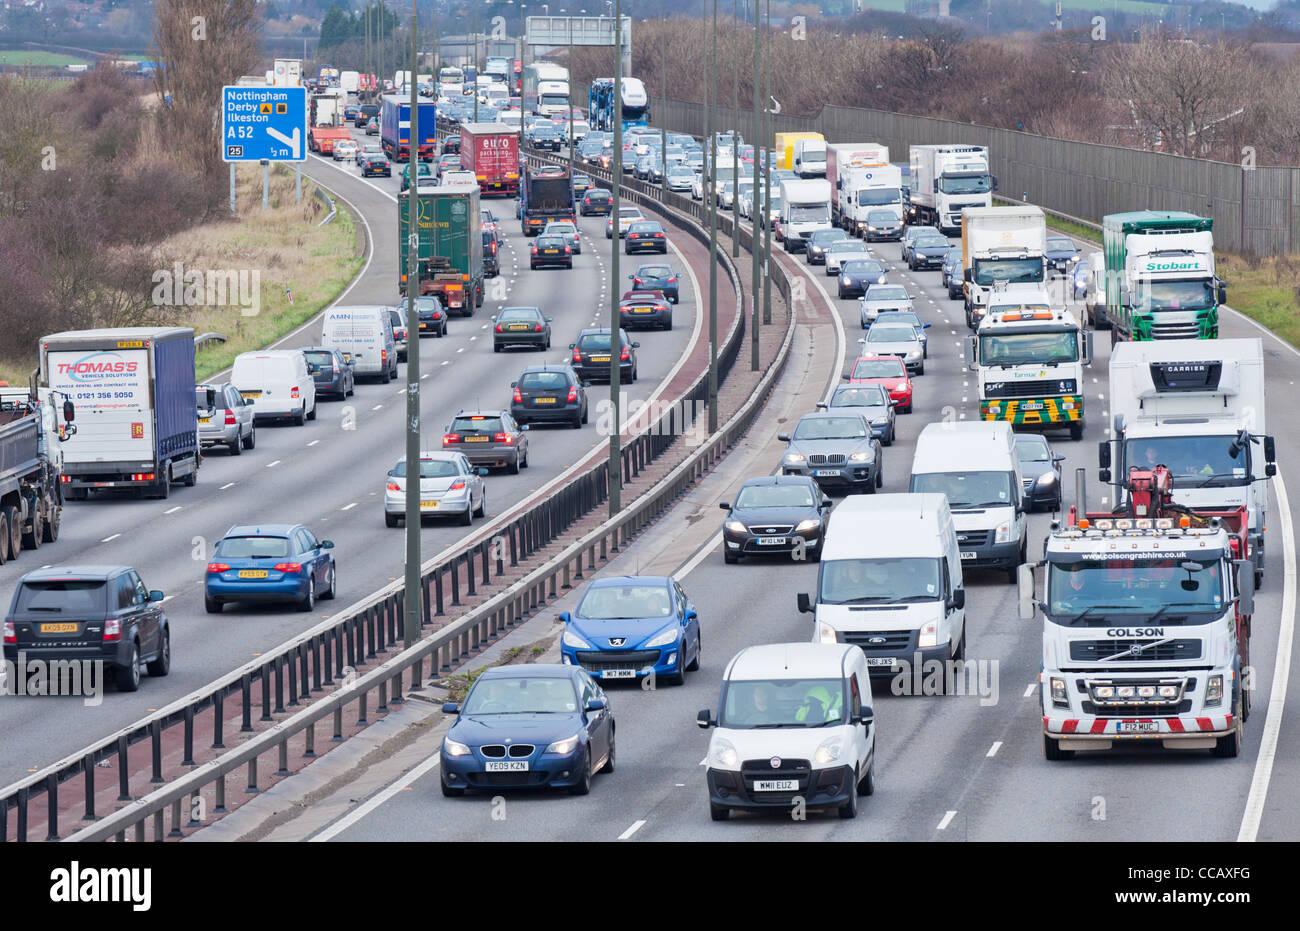 Autobahn Stau auf der Autobahn M1 in der Nähe der Ausfahrt 25 Nottingham England GB UK EU Europa Stockbild